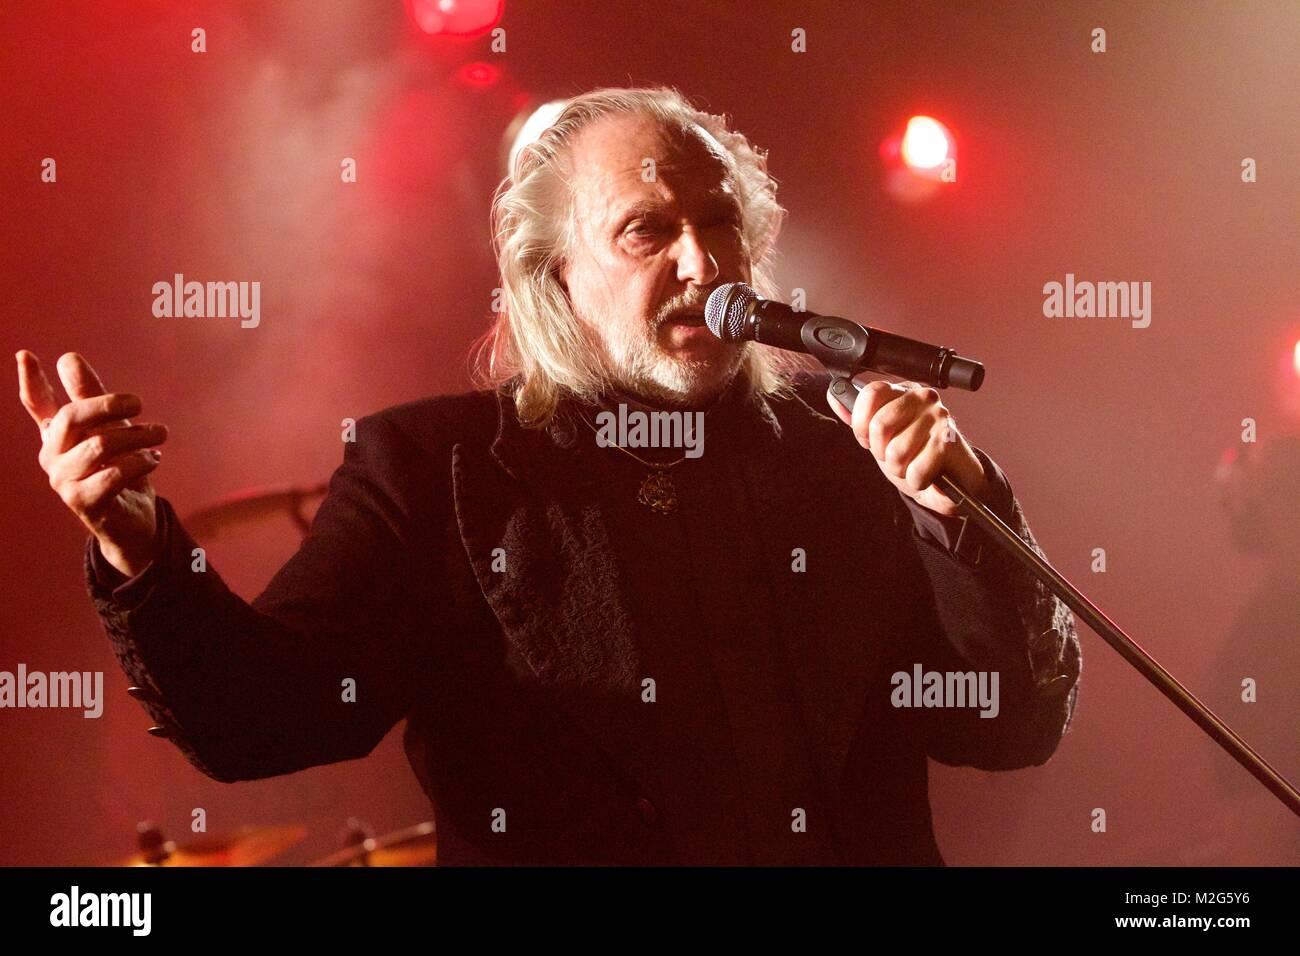 Der deutsche Pop-Rock-Sänger JOACHIM WITT präsentiert derzeit live sein neues Album 'Neumond'. - Stock Image